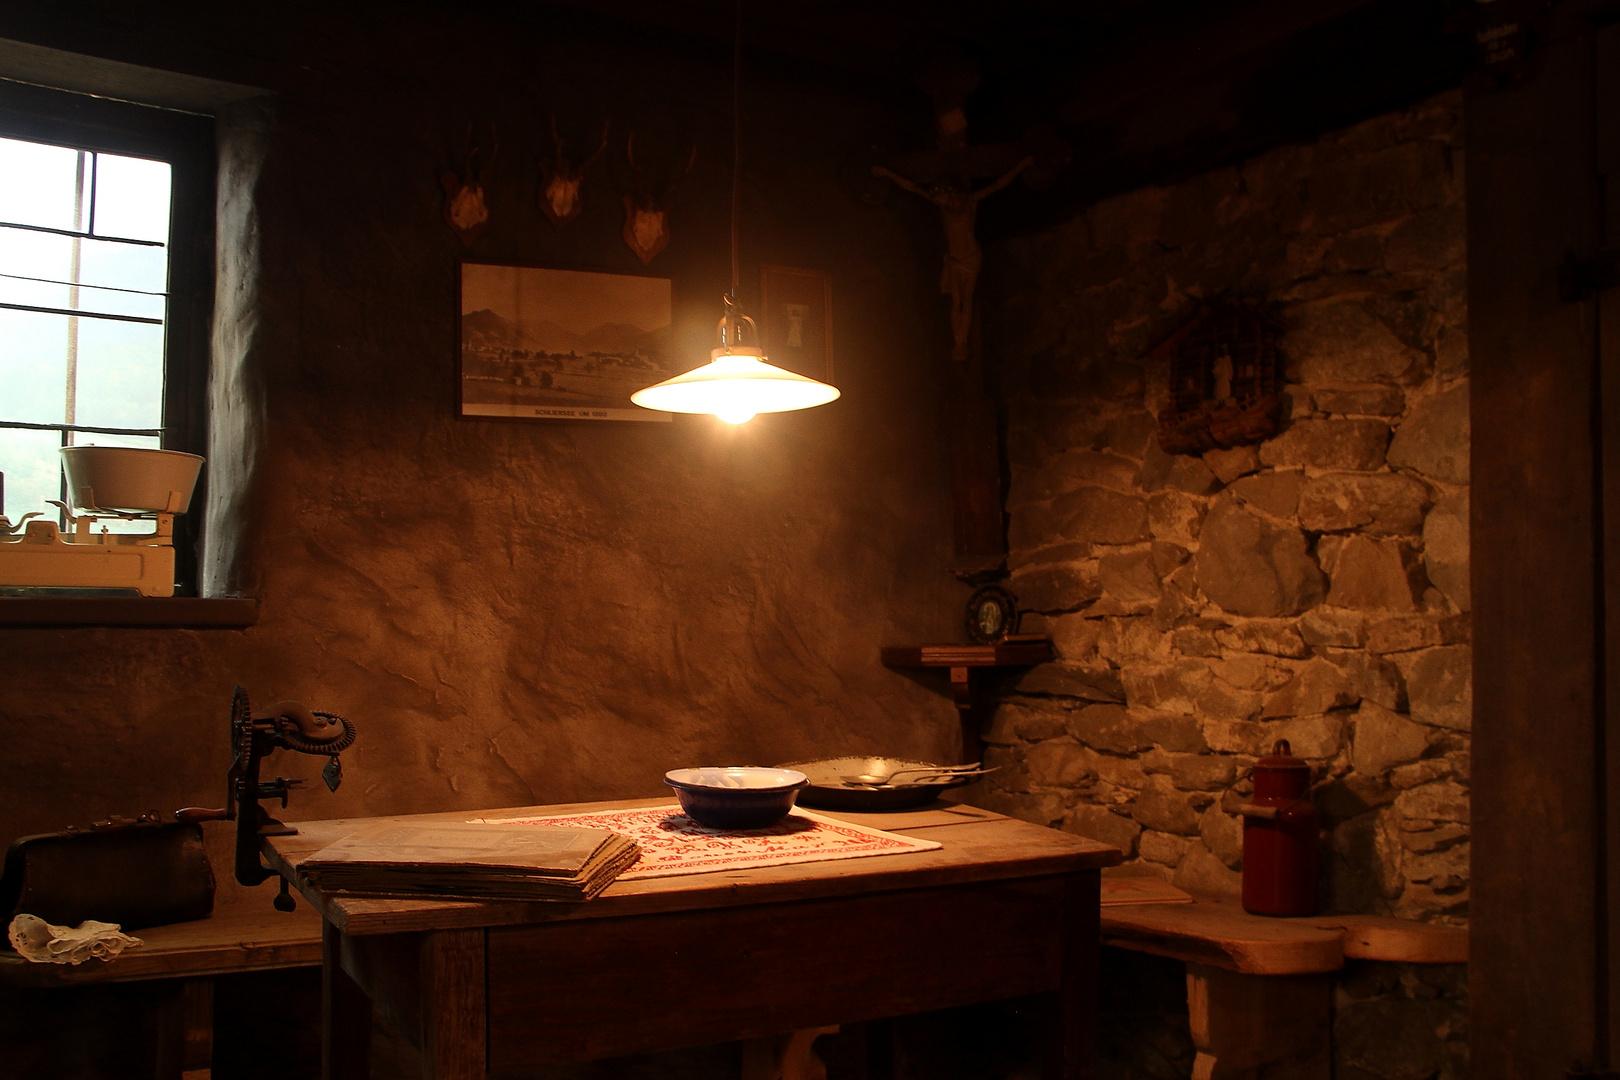 Erstes Licht in der Küche